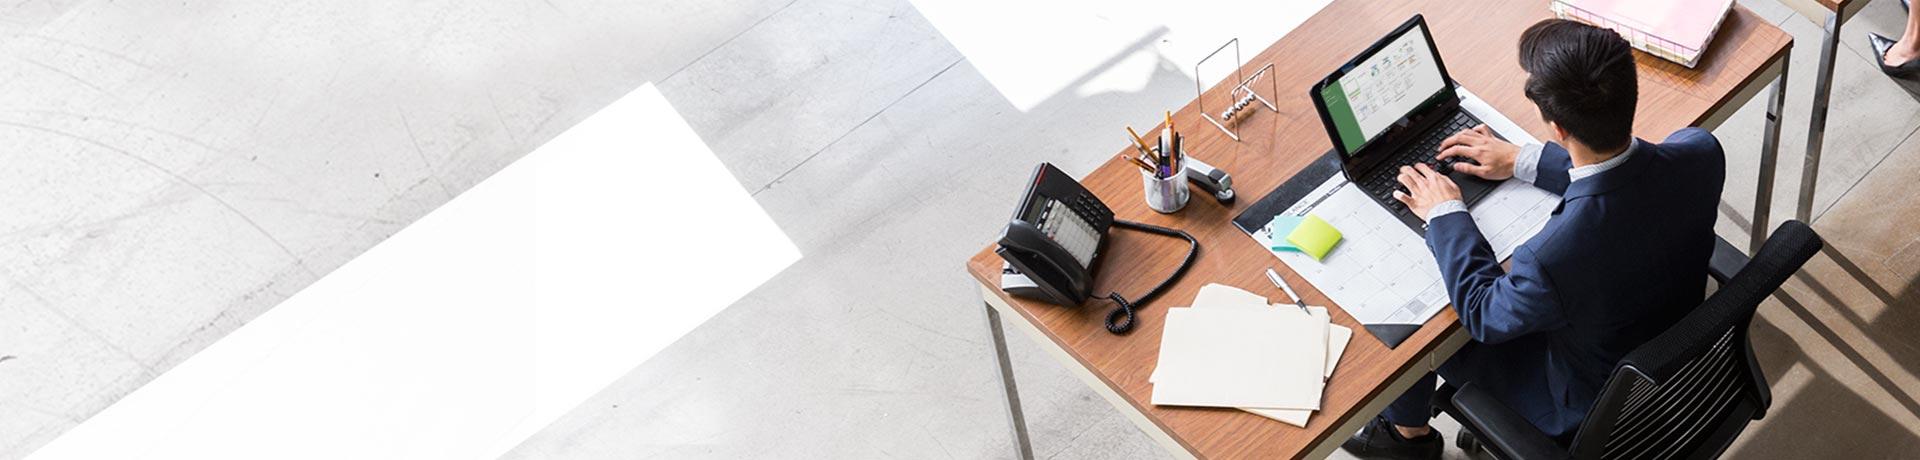 Người đàn ông ngồi ở bàn làm việc trong văn phòng, làm việc với tệp Microsoft Project trên máy tính xách tay.